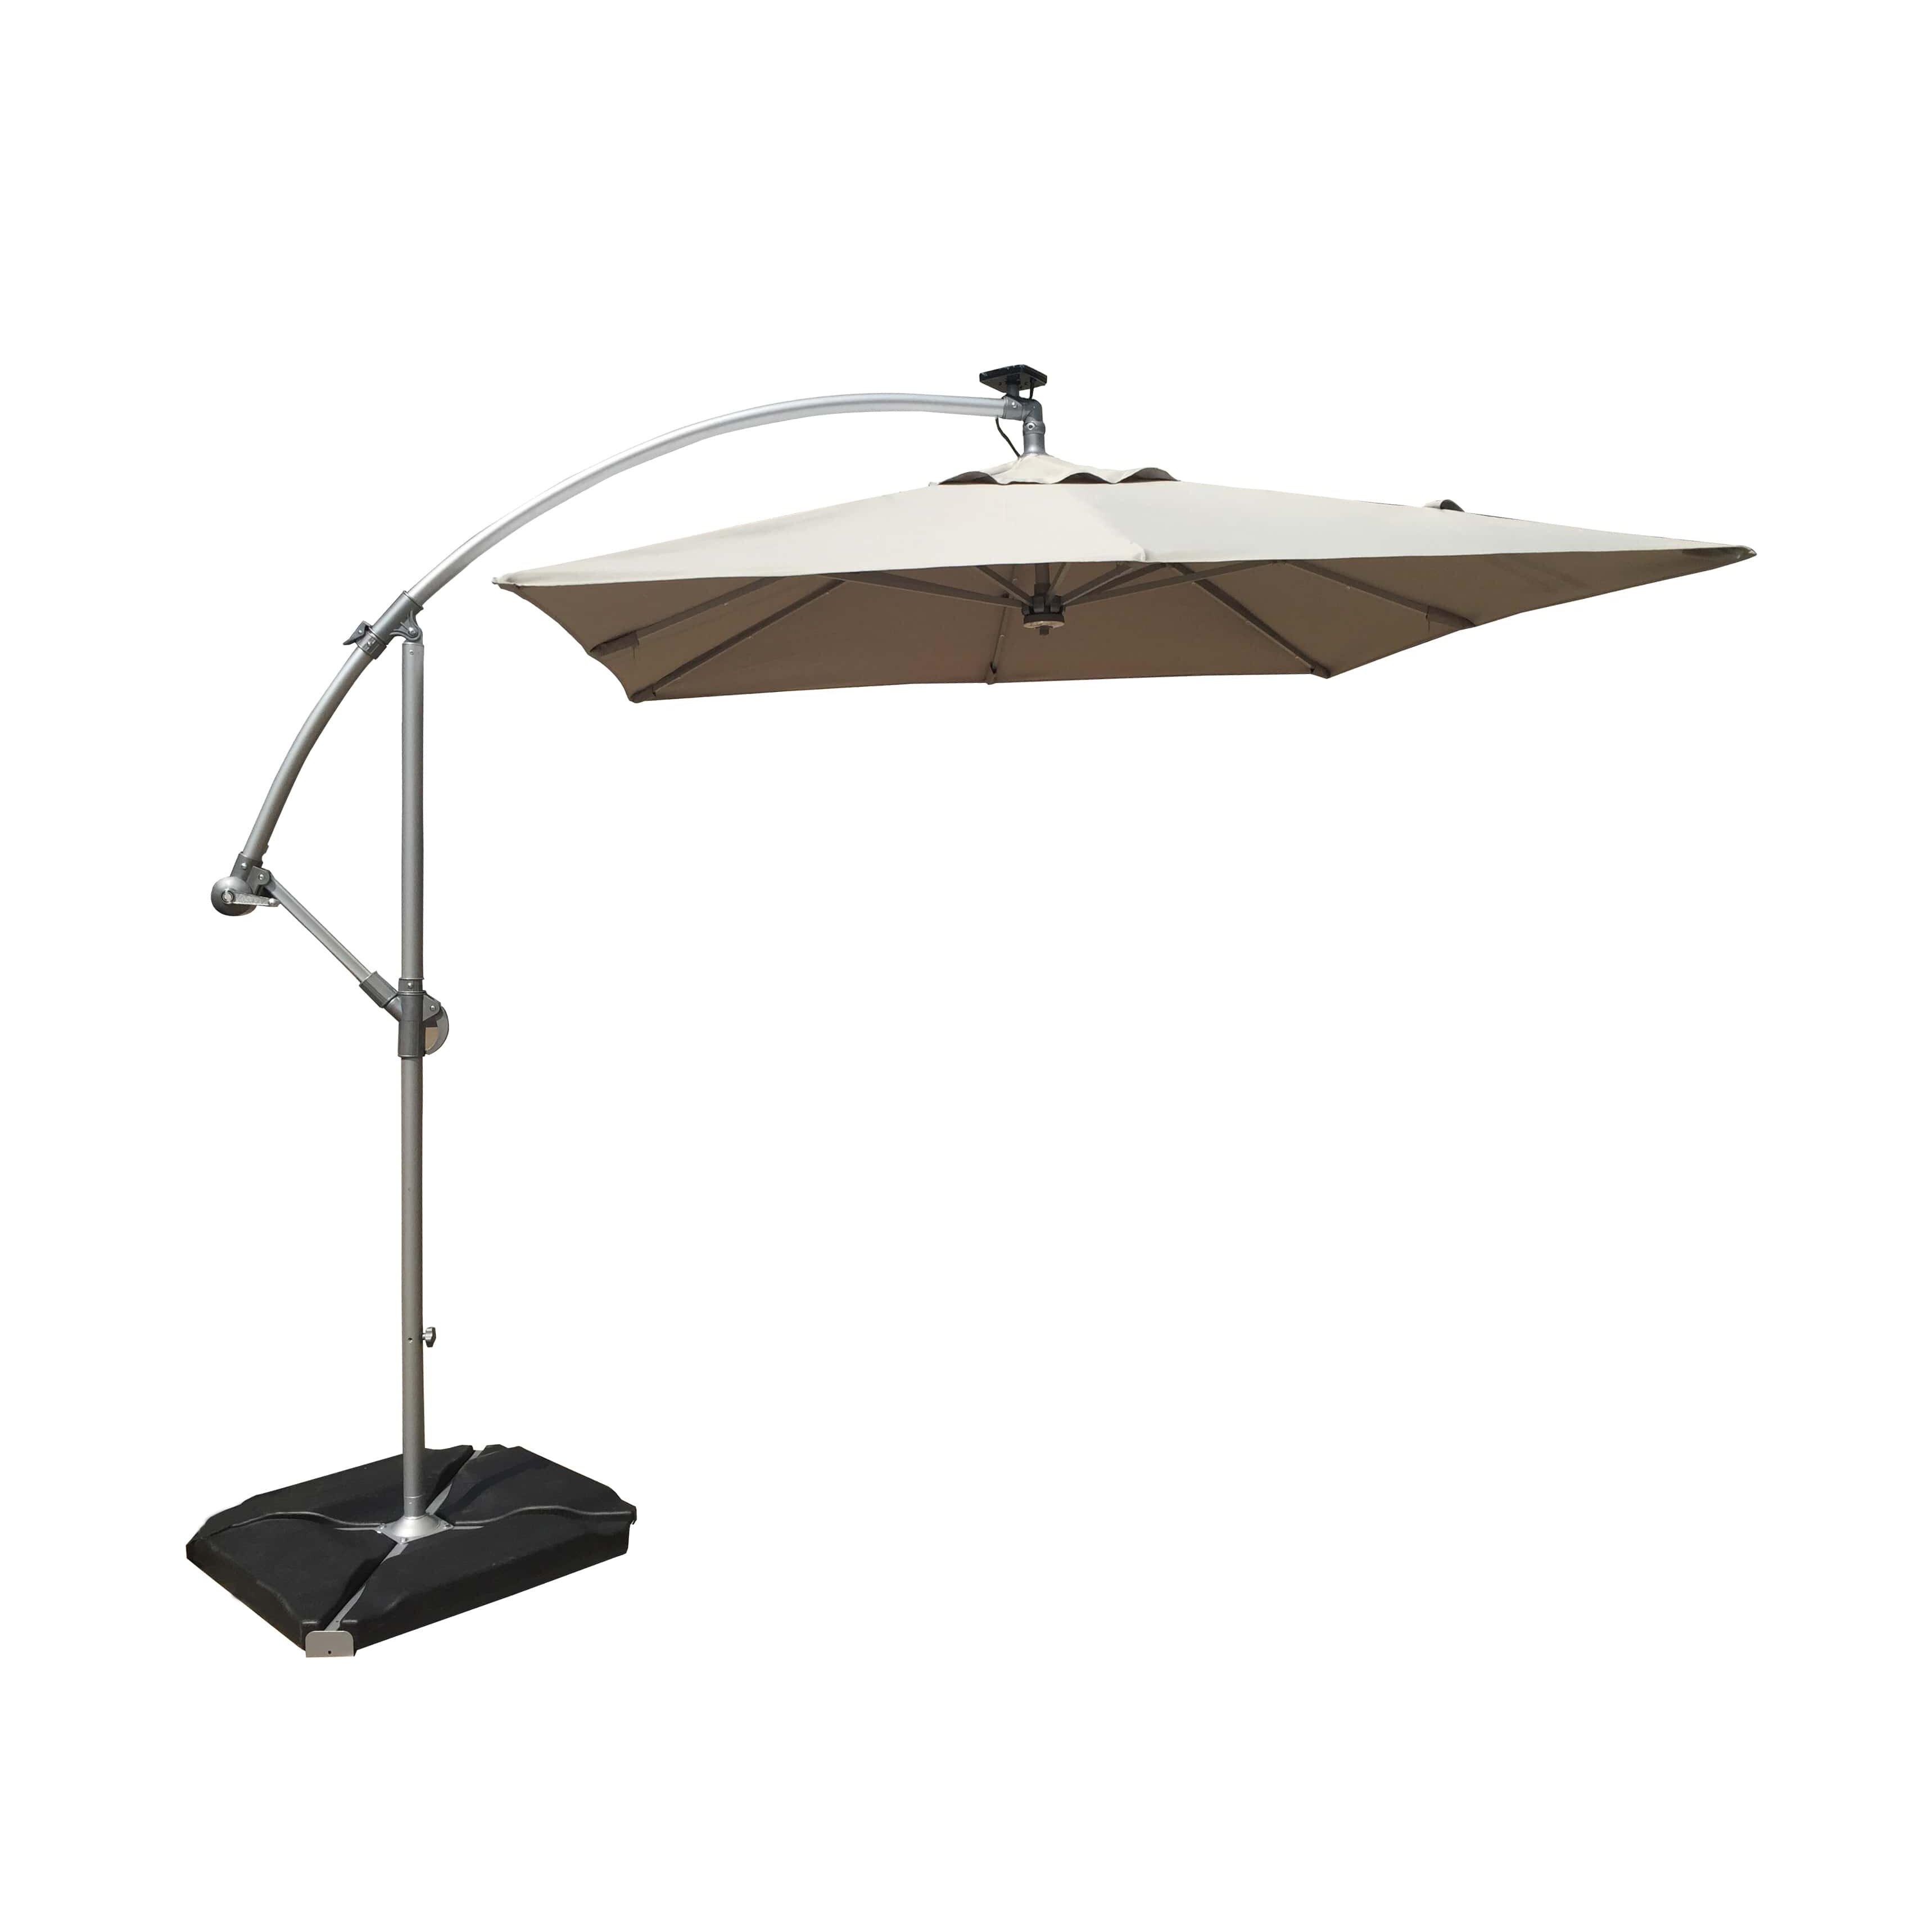 Revger Com Parasol Cantilever Umbrella Id 233 E Inspirante